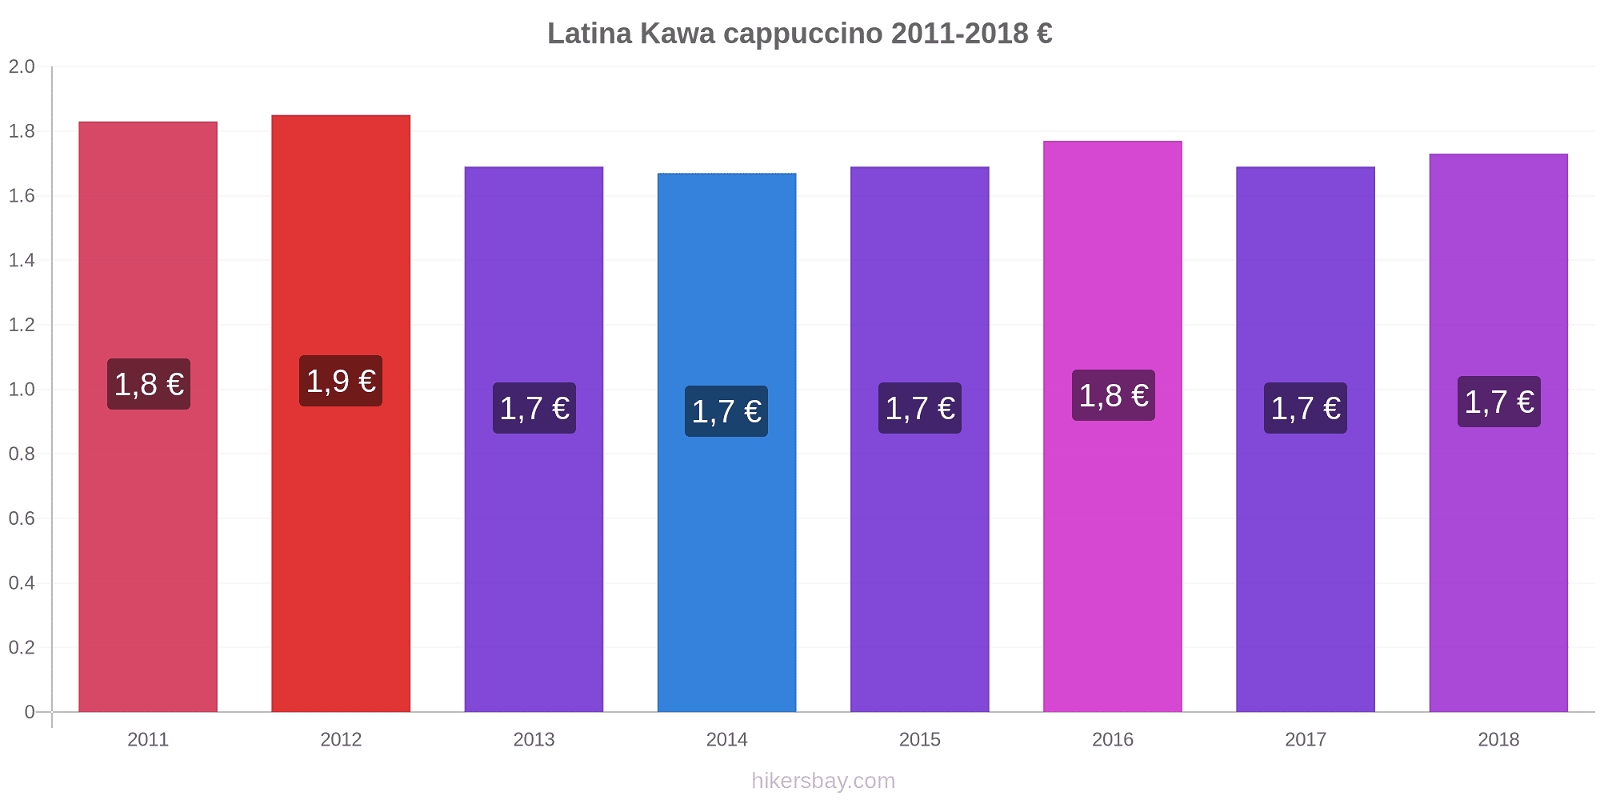 Latina zmiany cen Kawa cappuccino hikersbay.com